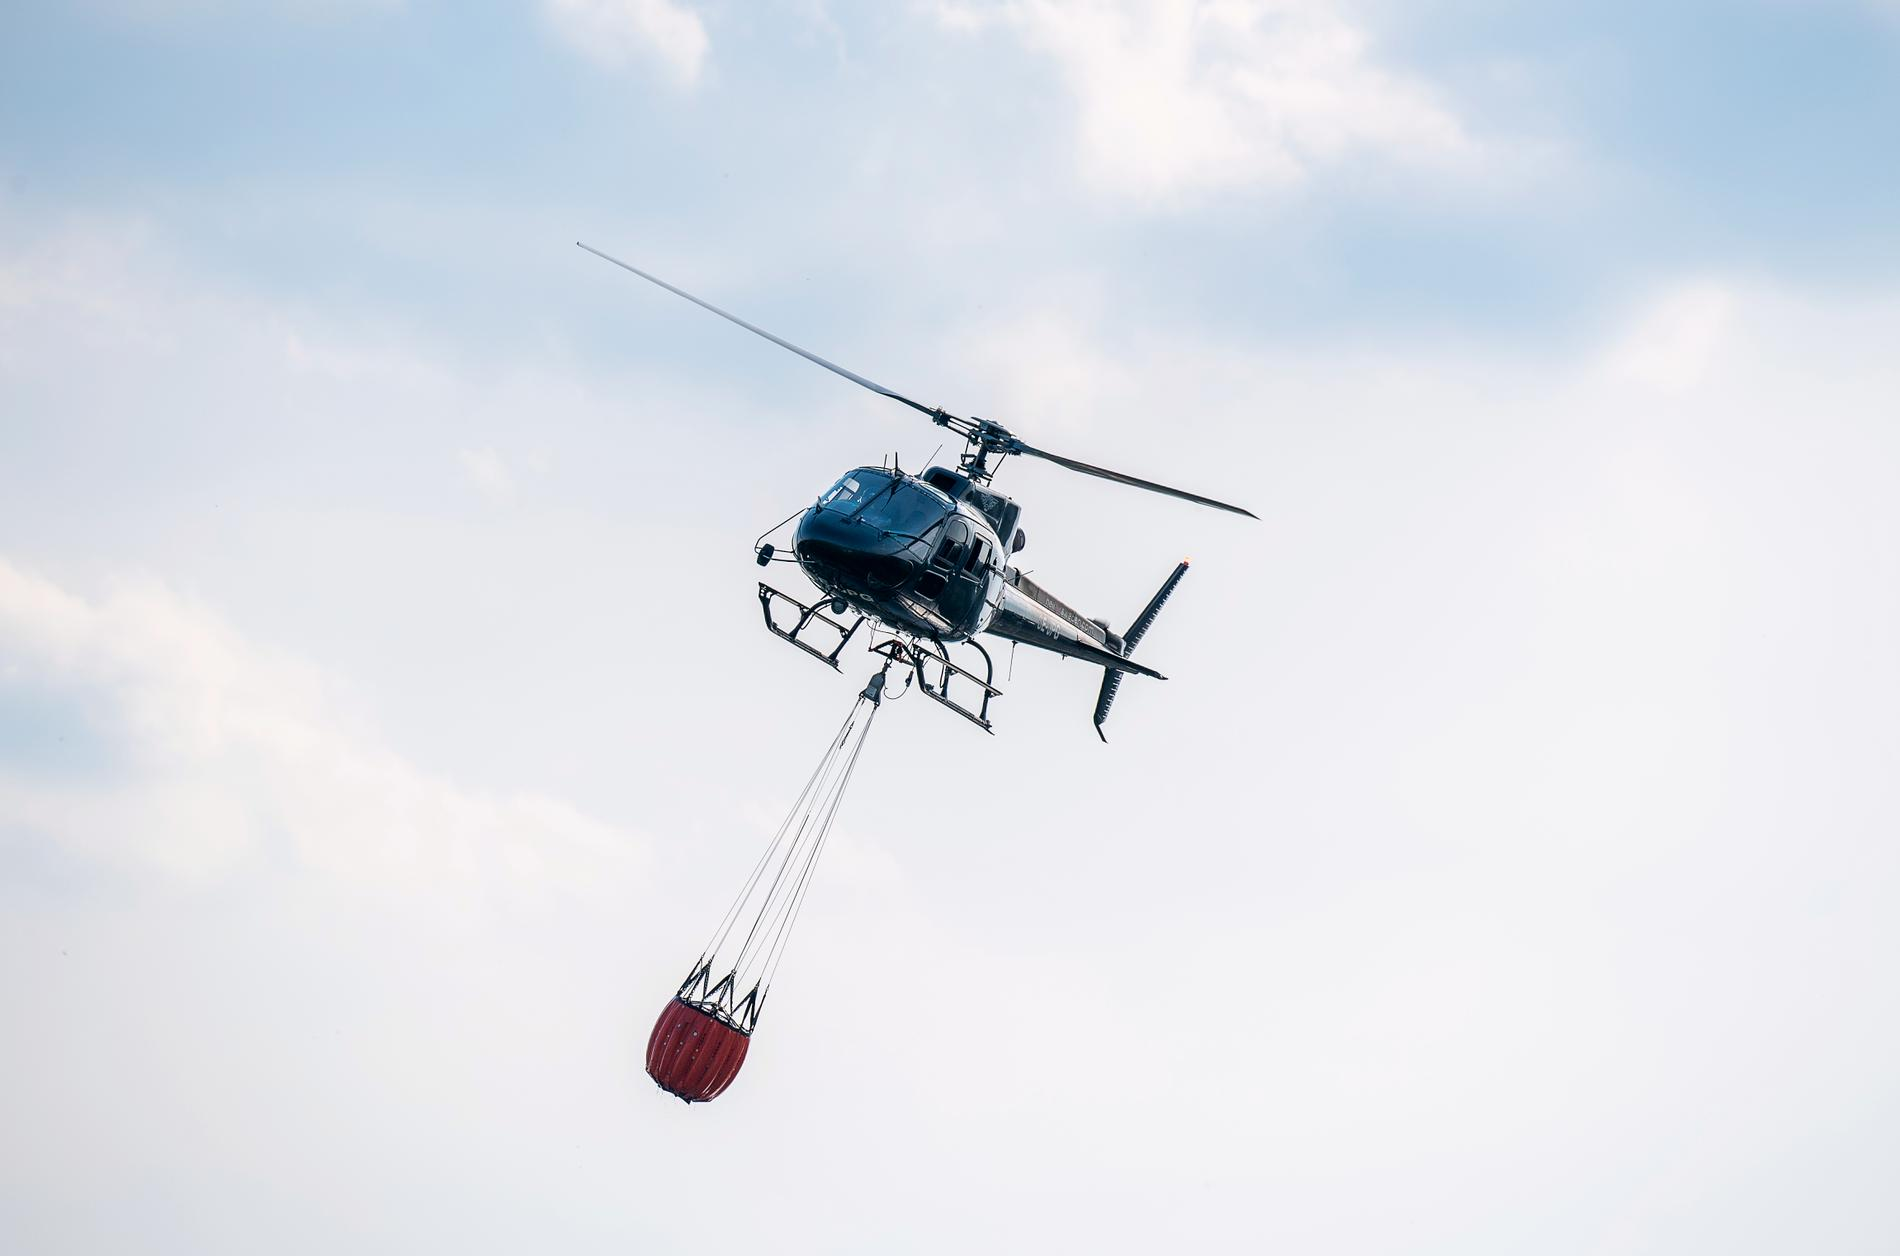 Två helikoptrar har vattenbombat en brand i Ragunda i Jämtland. Bilden är från ett annat tillfälle. Arkivbild.